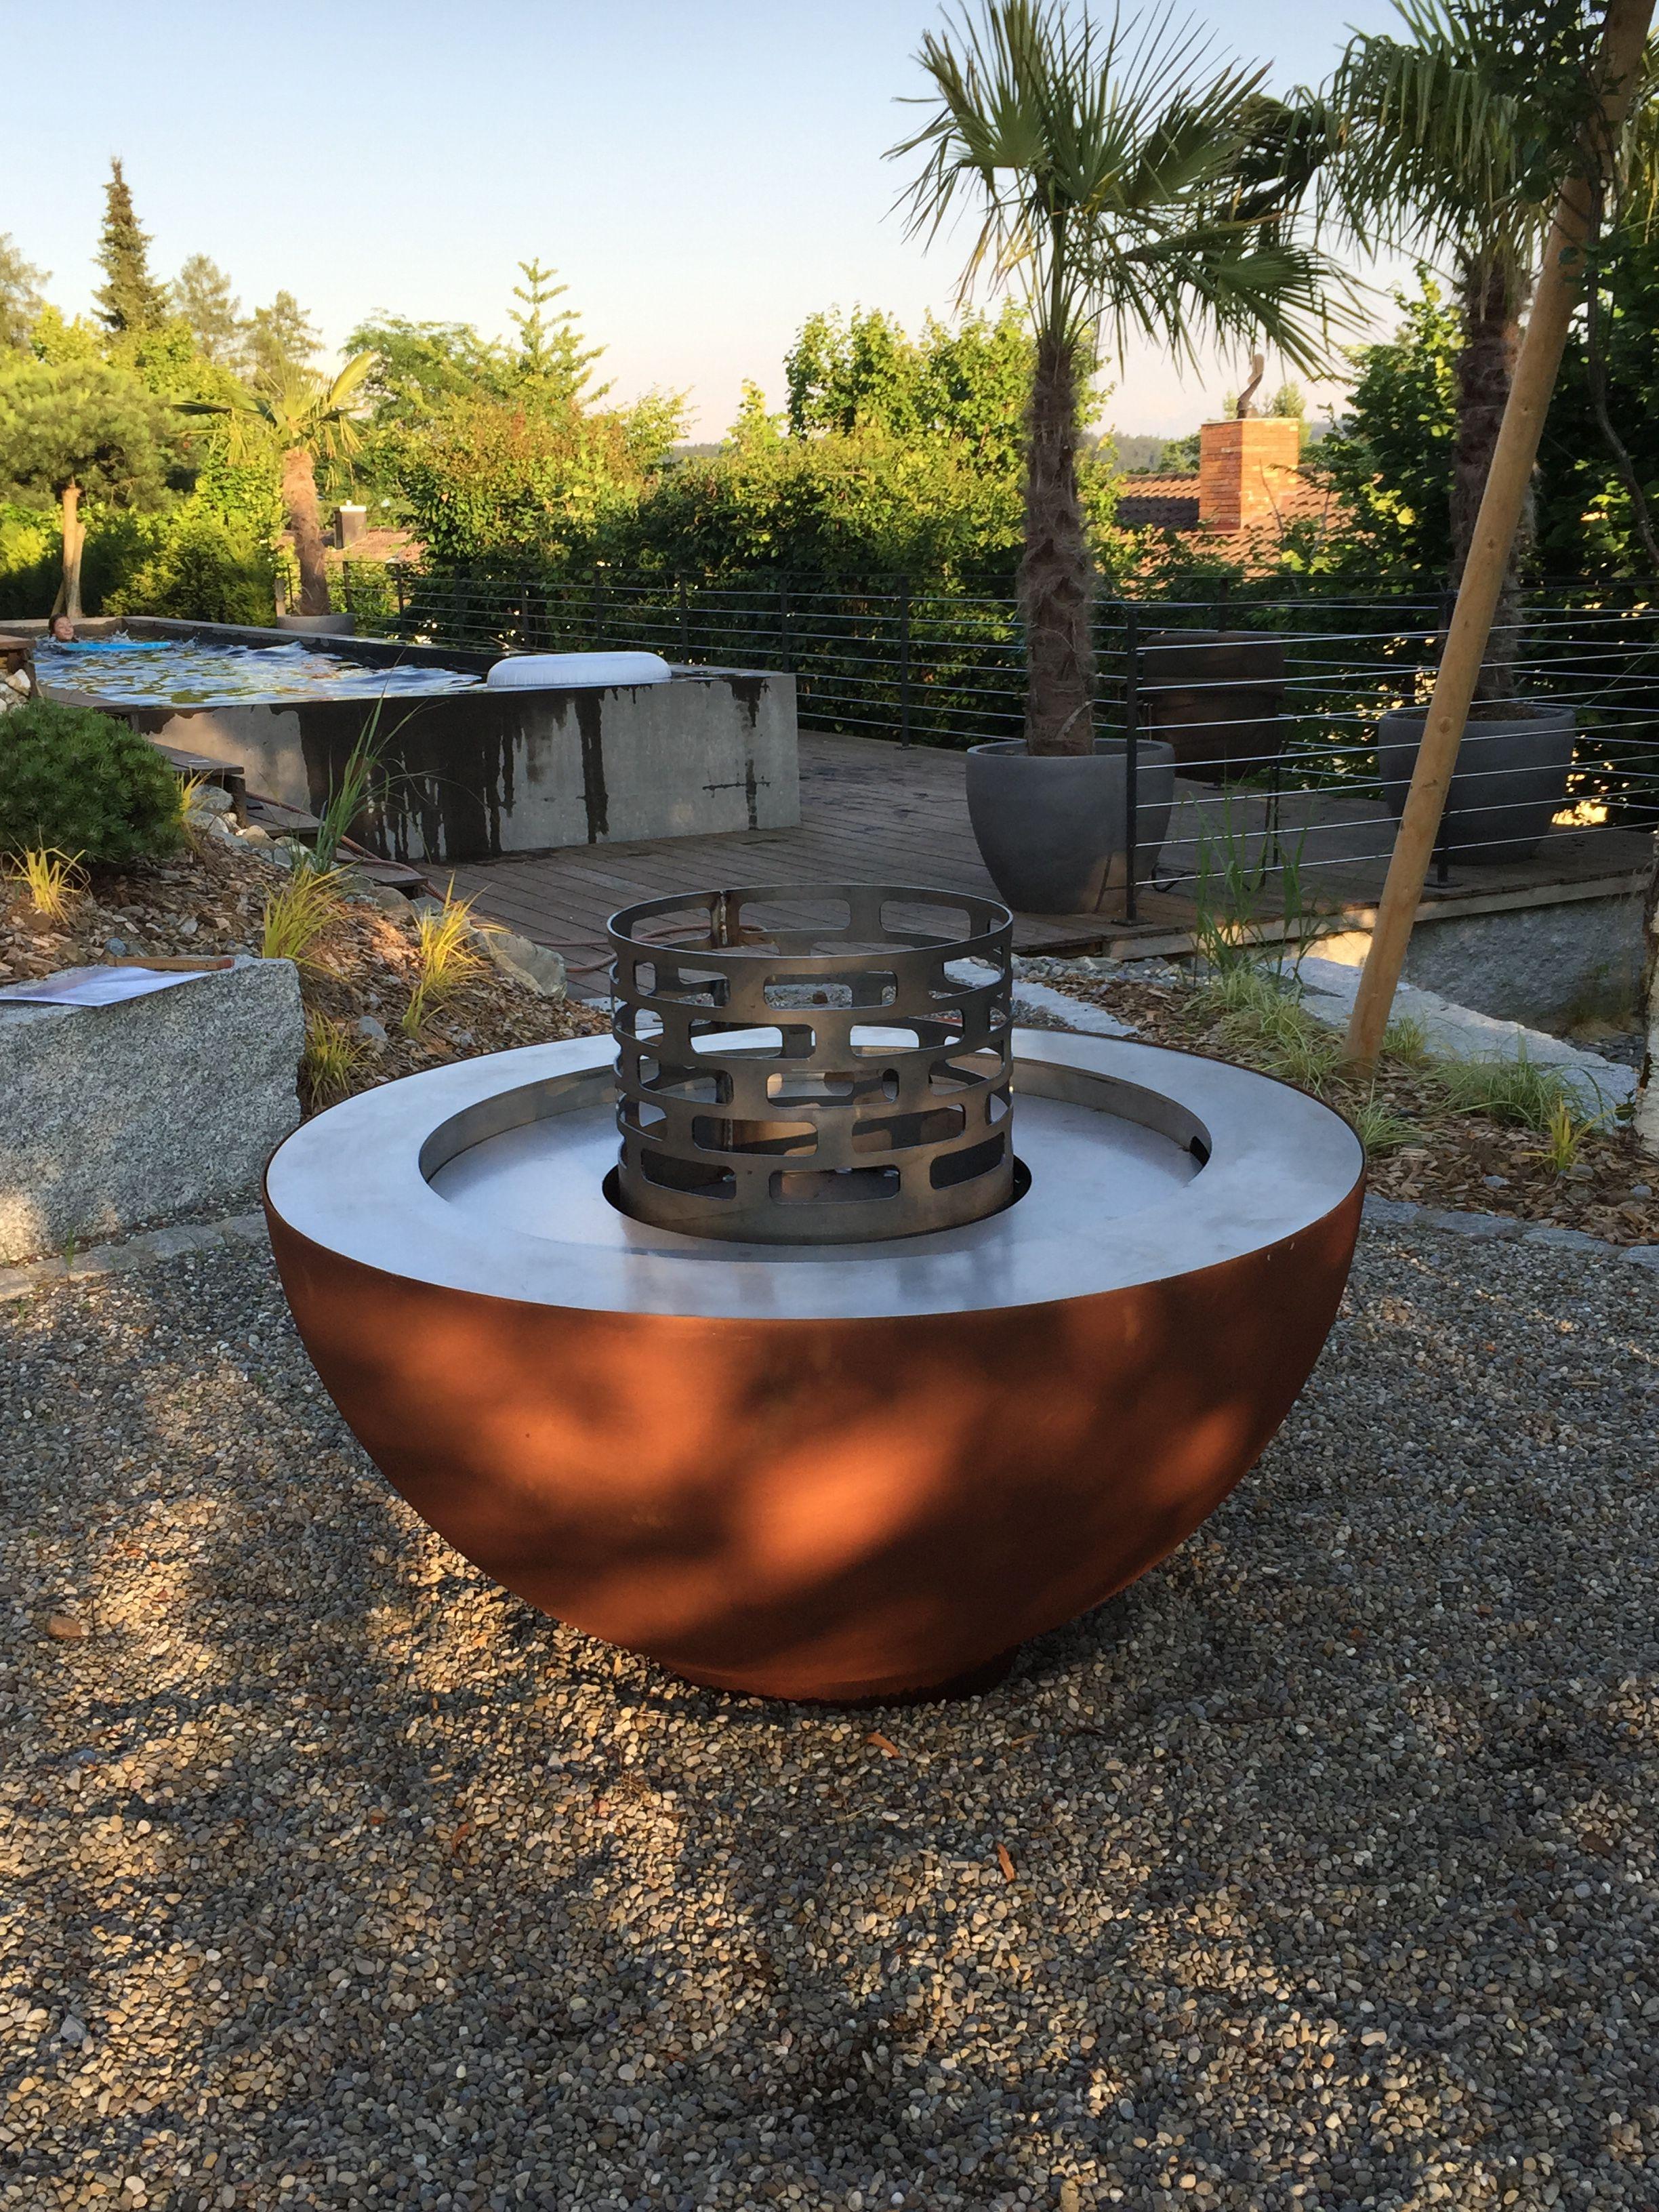 Die Moderne Art Des Grillens Feuerkugelgrill Mit 2 Feuerringen Grillieren Oder Geniessen Sie Schones Feue Feuerstelle Garten Grillplatz Im Freien Feuerschale